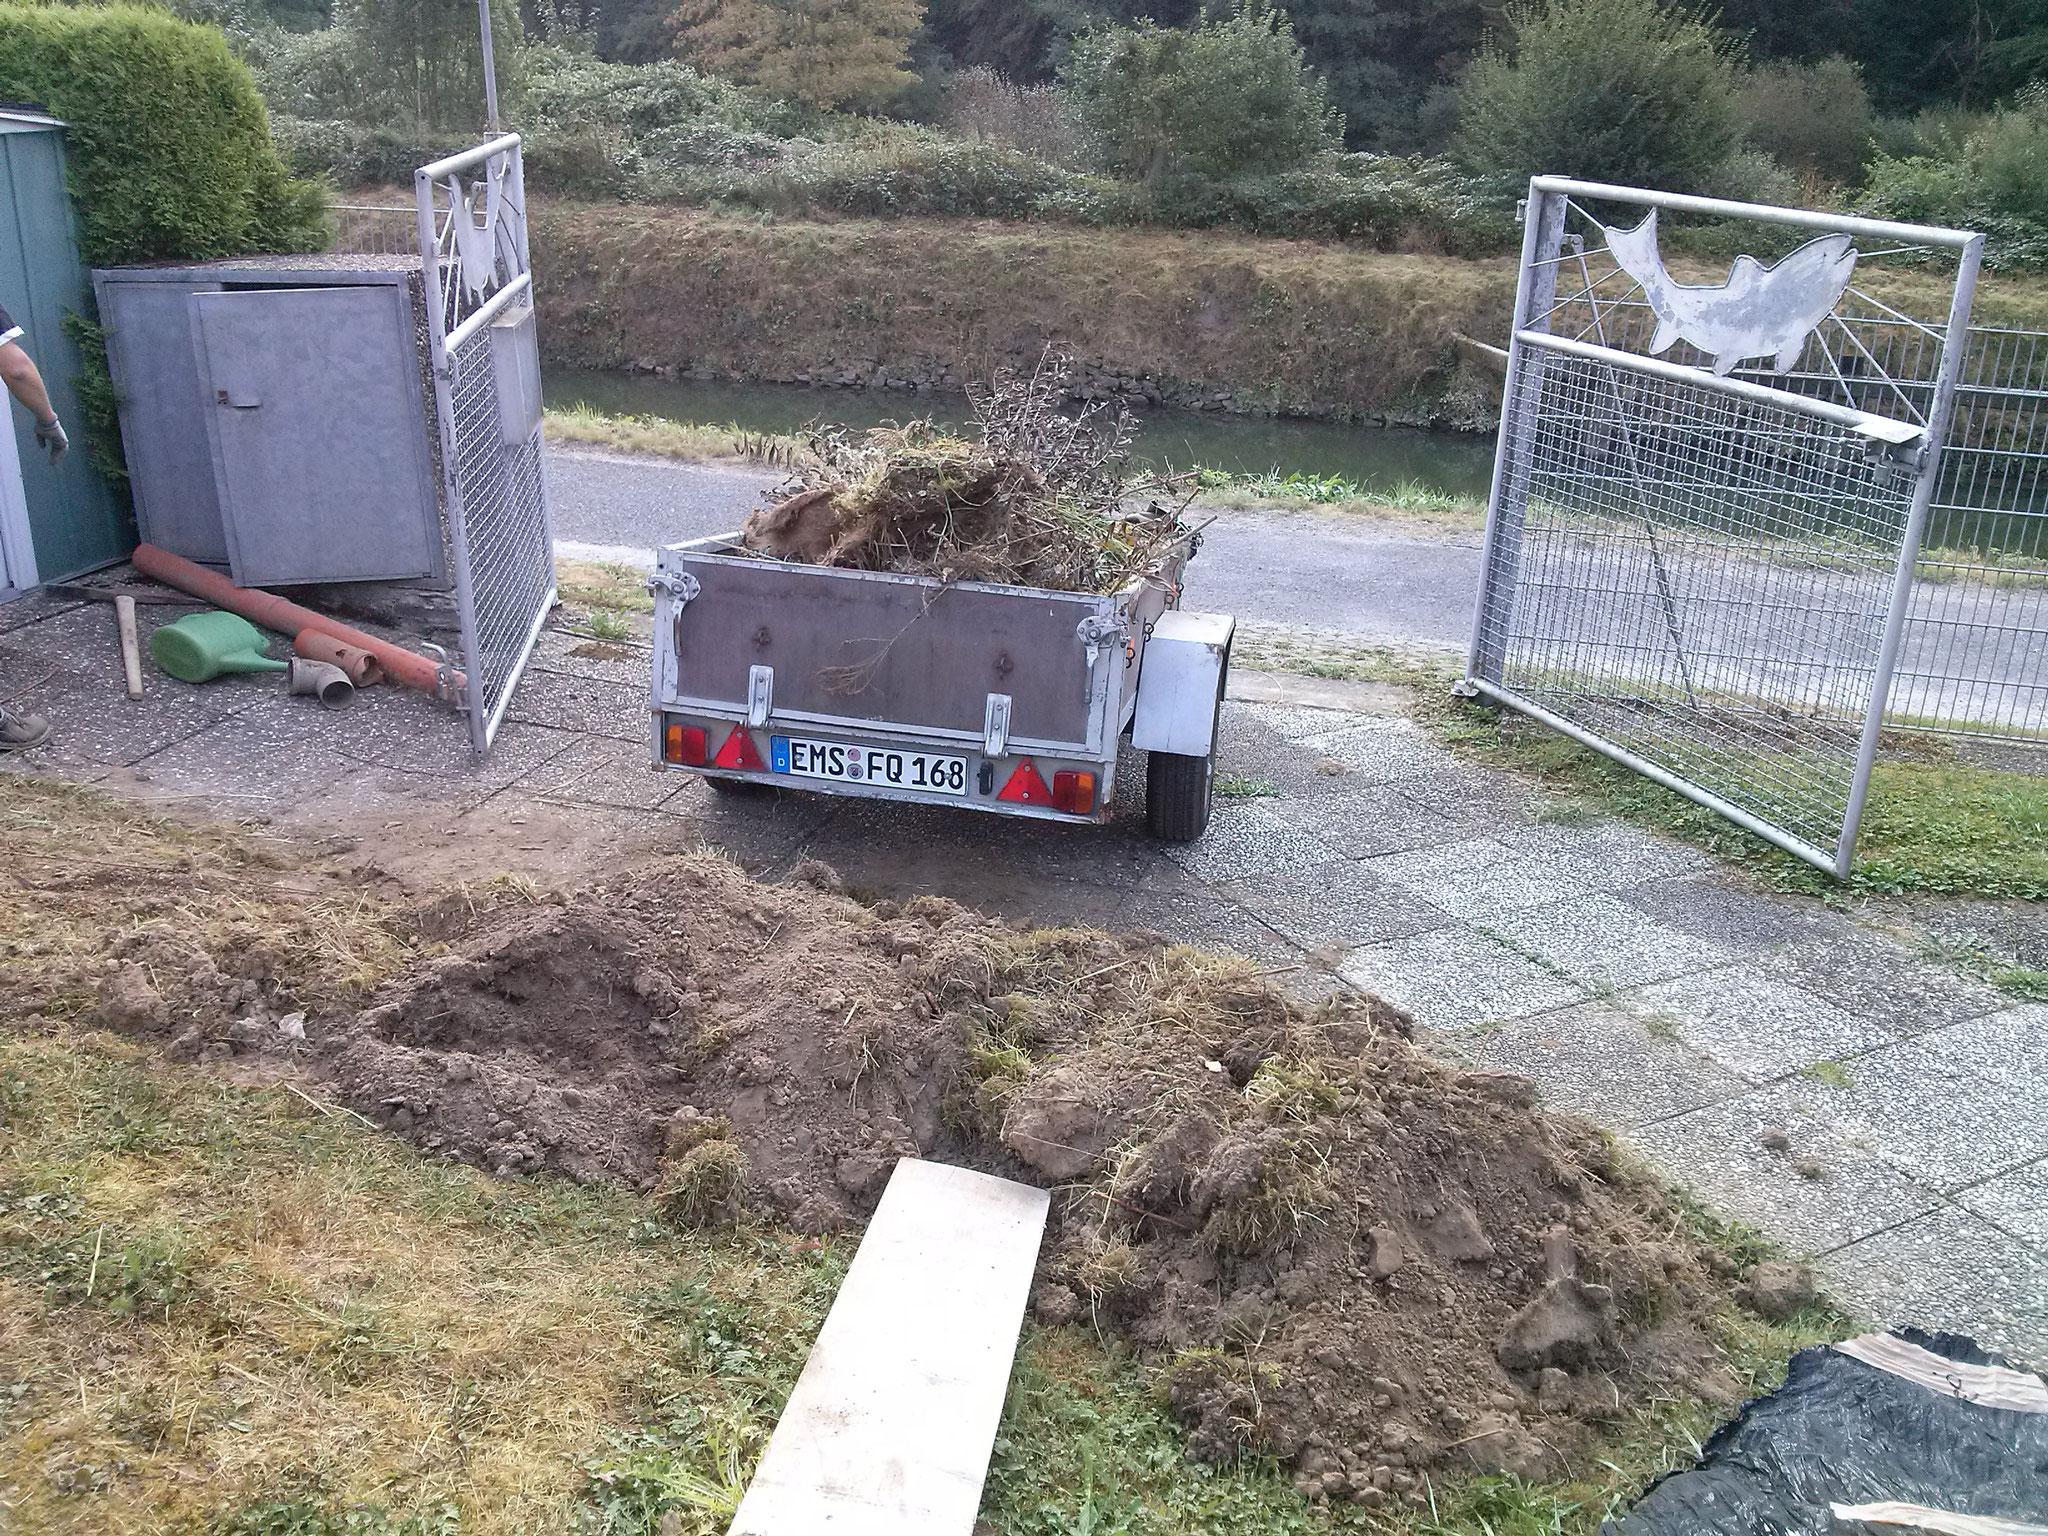 ... und wurde sofort entsorgt, dafür pflanzen wir zwei neue Bäume, versprochen!